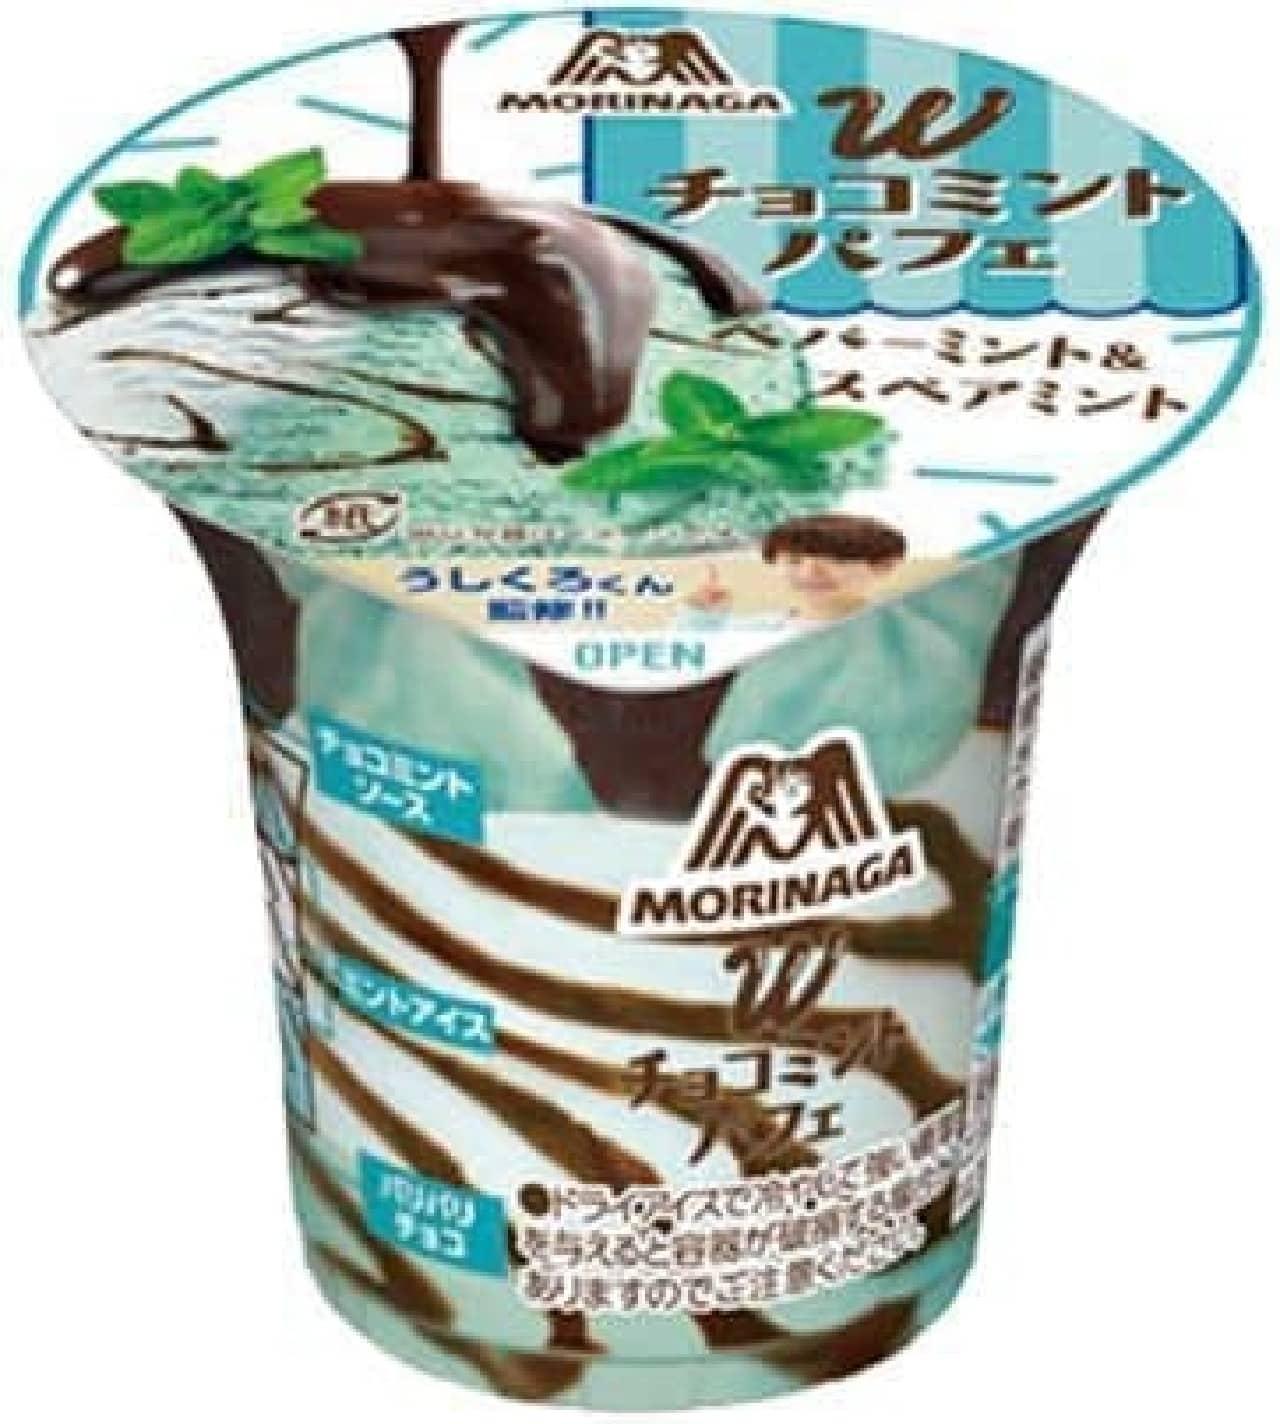 ファミリーマート「森永製菓 Wチョコミントパフェ」